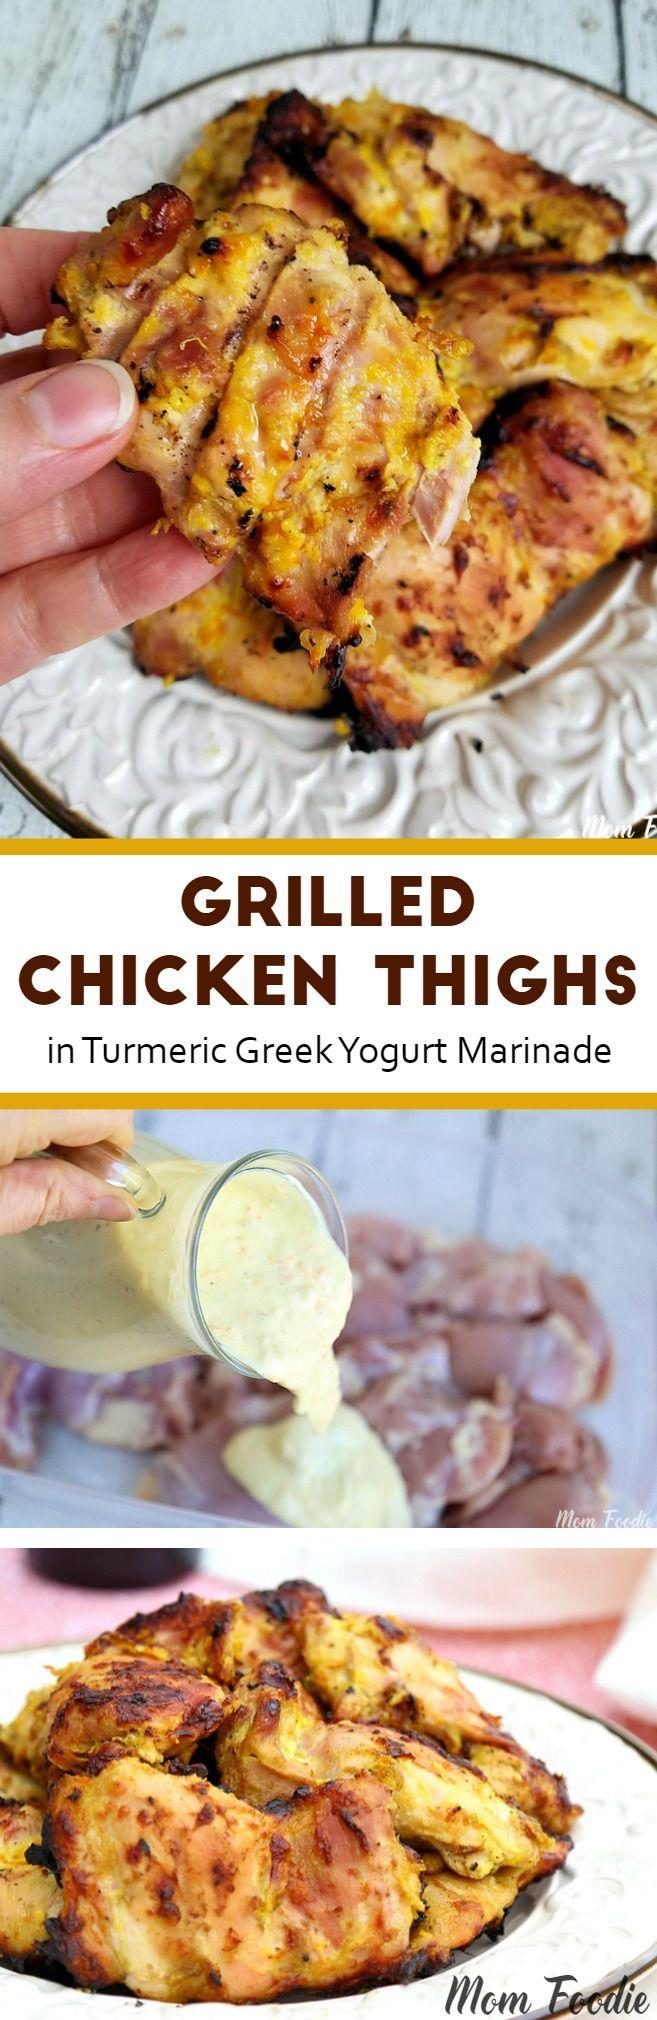 Grilled Chicken Thighs In Greek Yogurt Marinade Yogurt Marinade Poultry Recipes Grilled Chicken Recipes